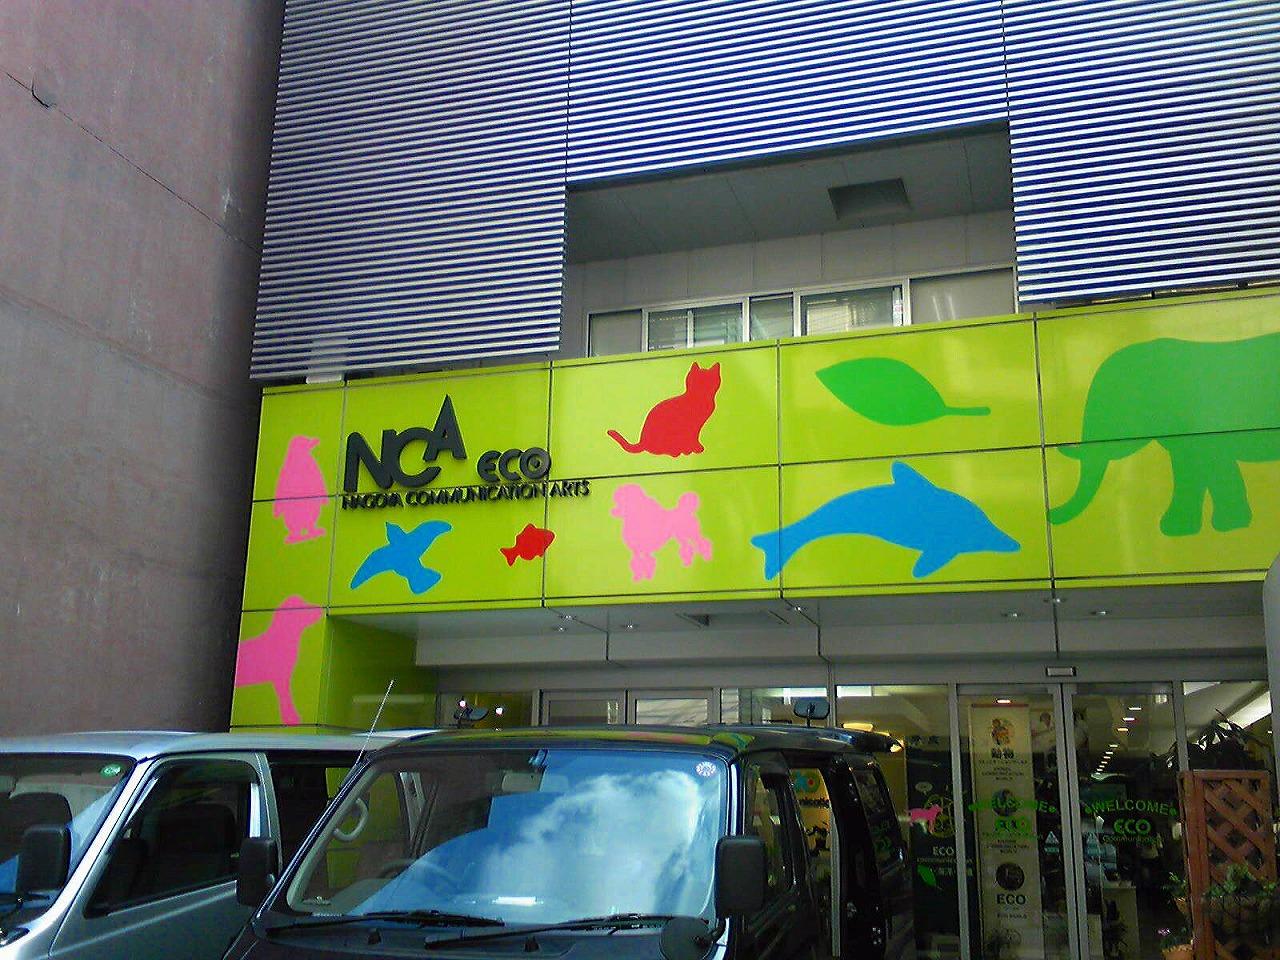 名古屋コミュニケーションアート専門学校画像